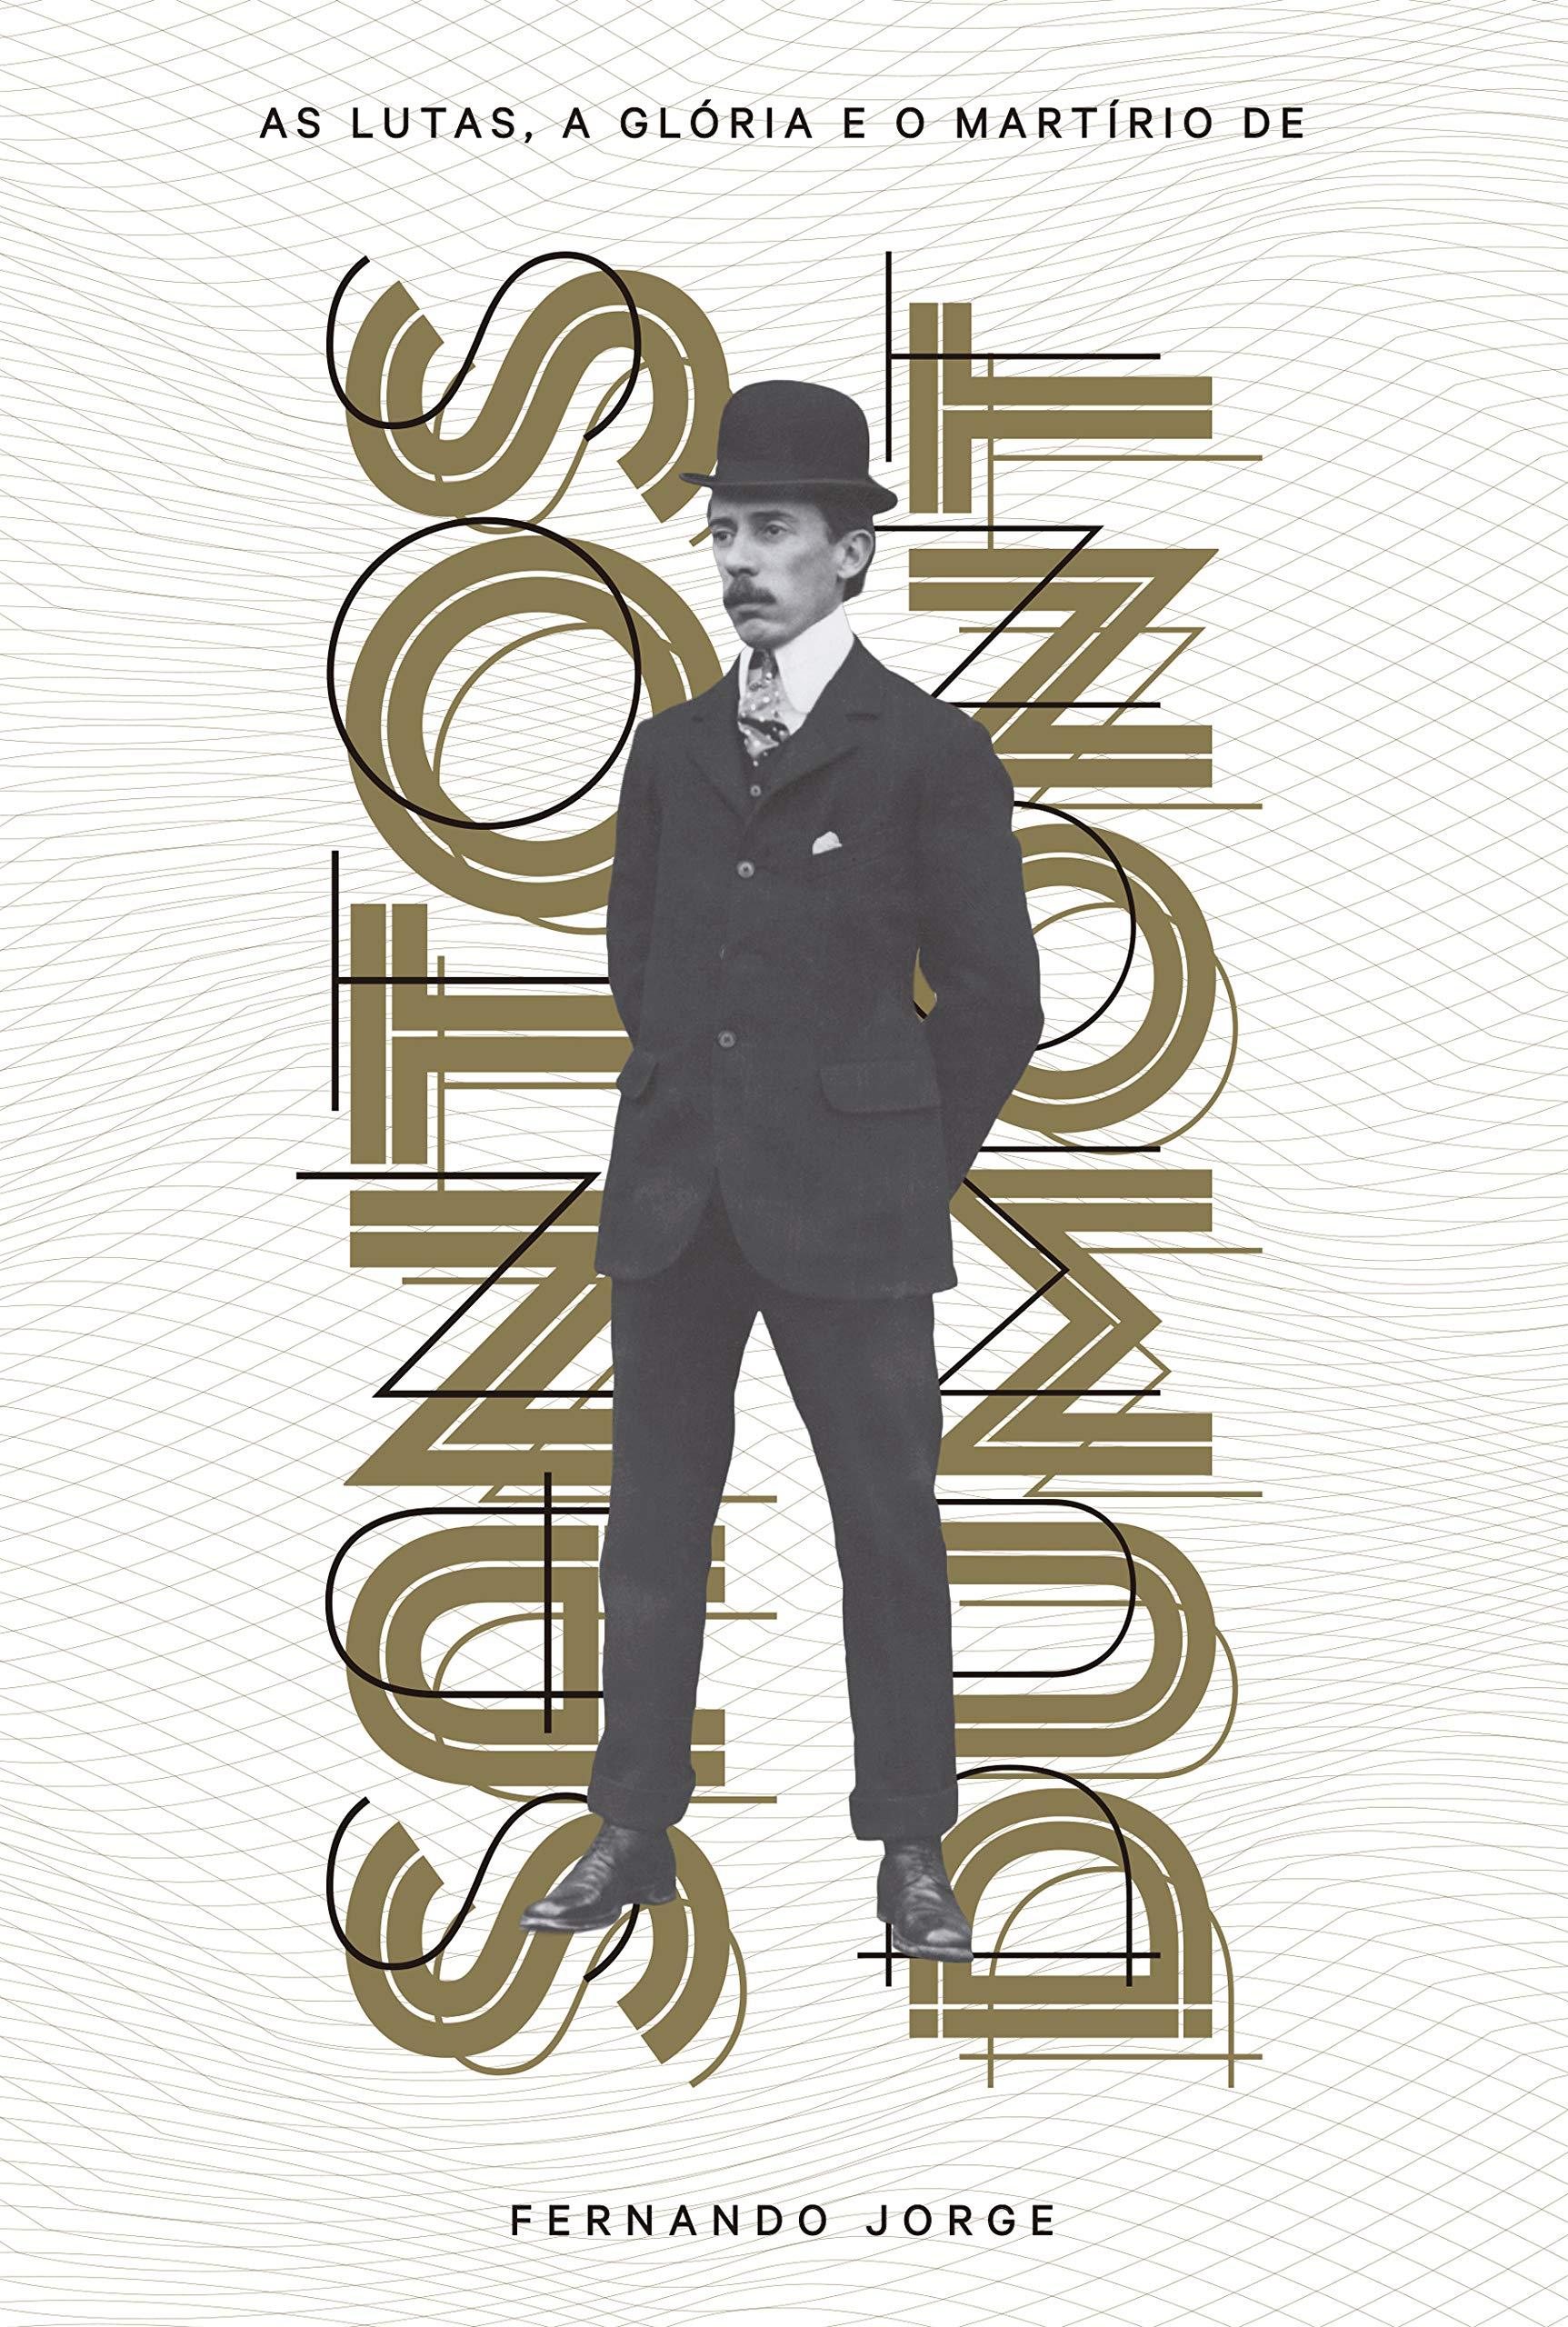 5072f2dfcfa4f As lutas, a glória e o martírio de Santos Dumont - 9788595082717 - Livros  na Amazon Brasil